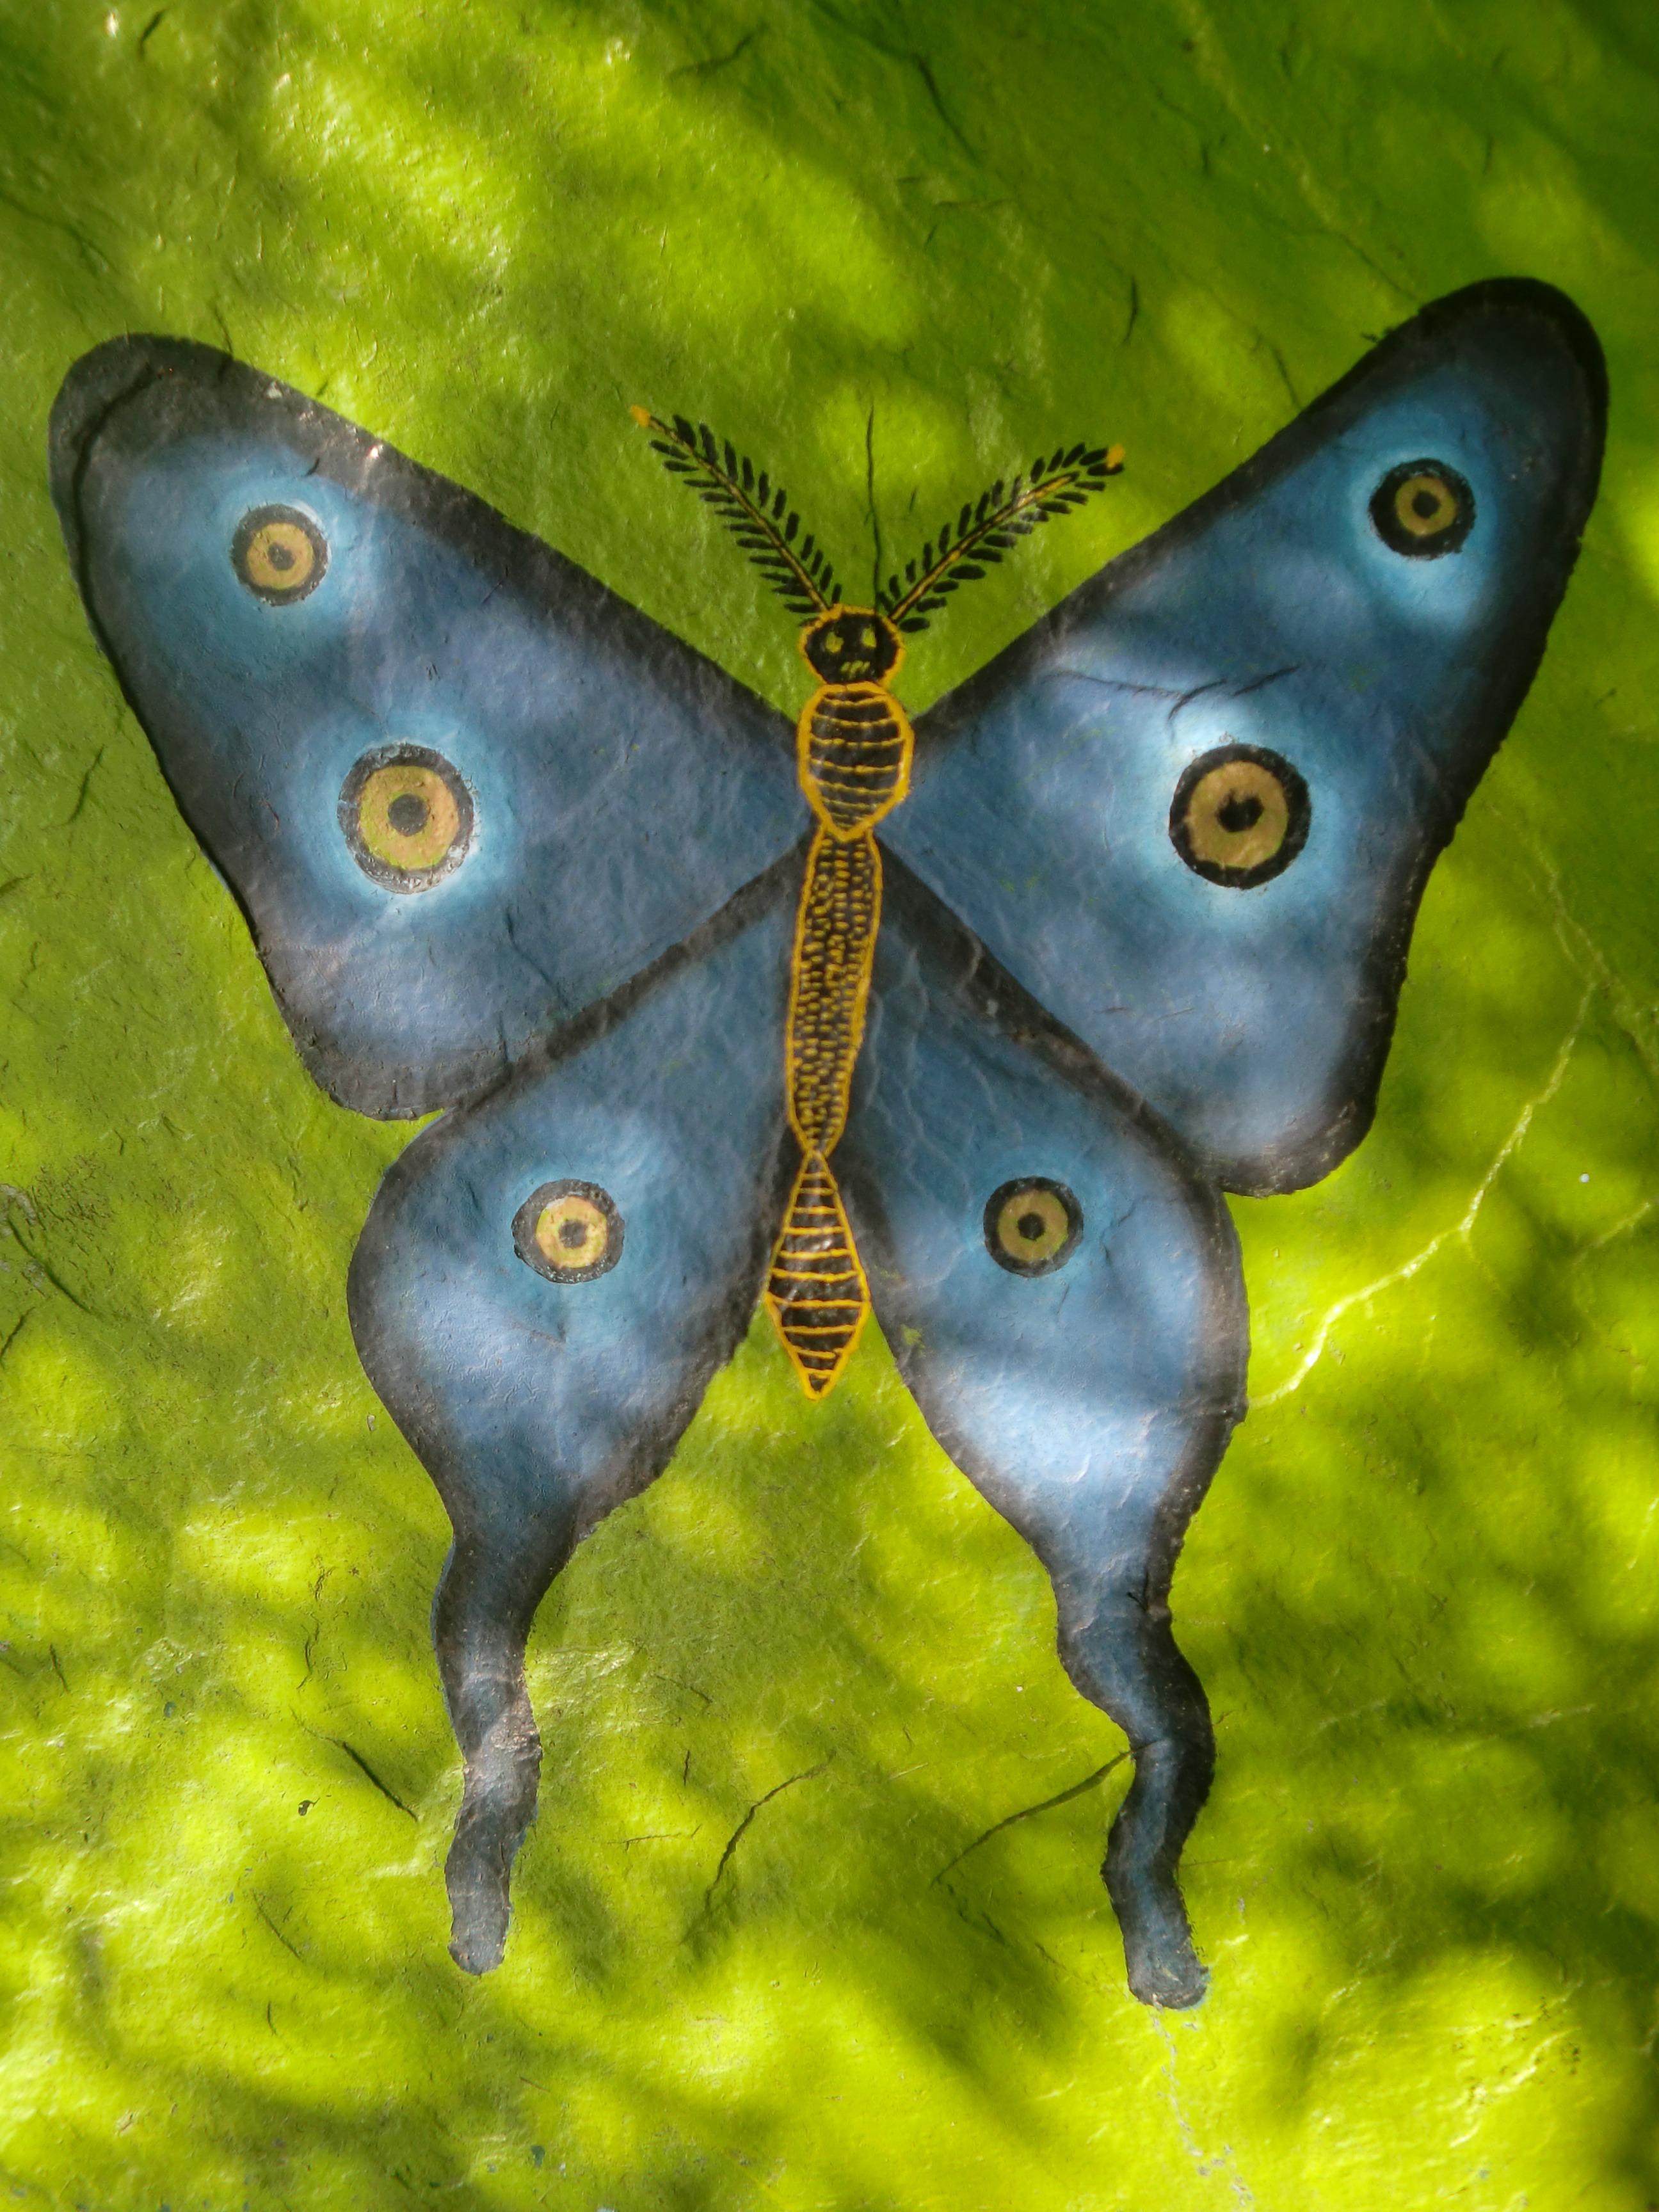 Fotoğraf Kanat ışık Yeşil Böcek Mavi Güve Kelebek Fauna